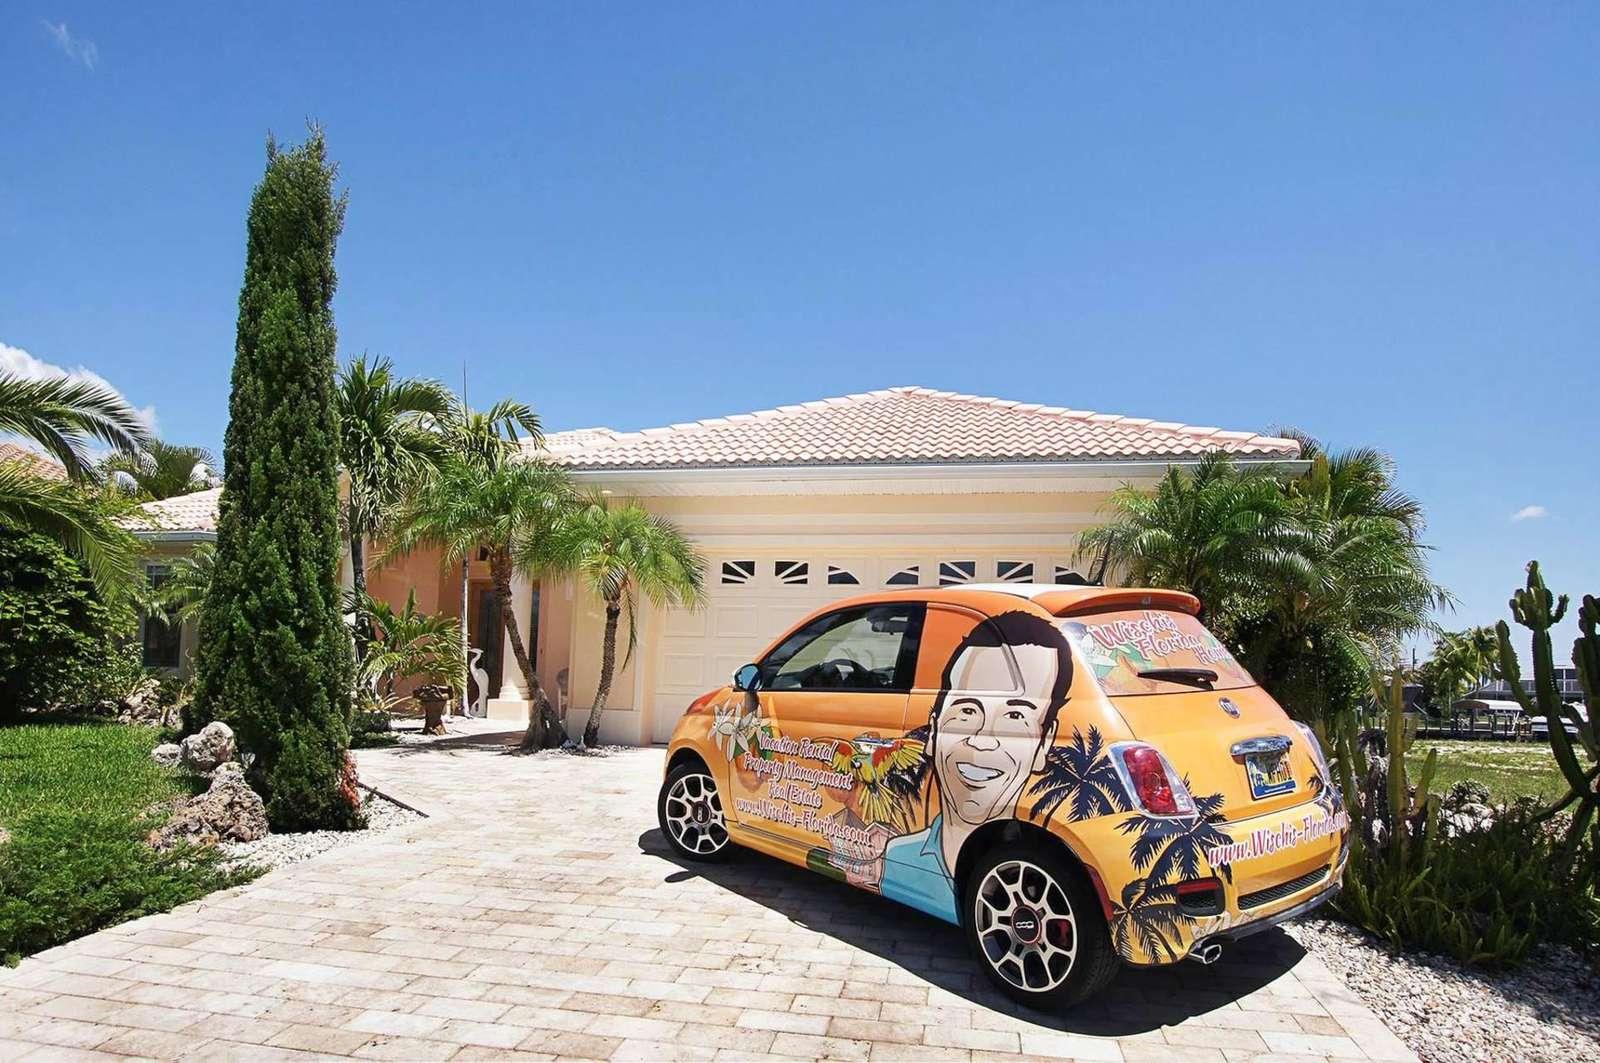 Wischis Florida Home - Ferienhaus in Cape Coral - Hausverwaltung - Immobilien